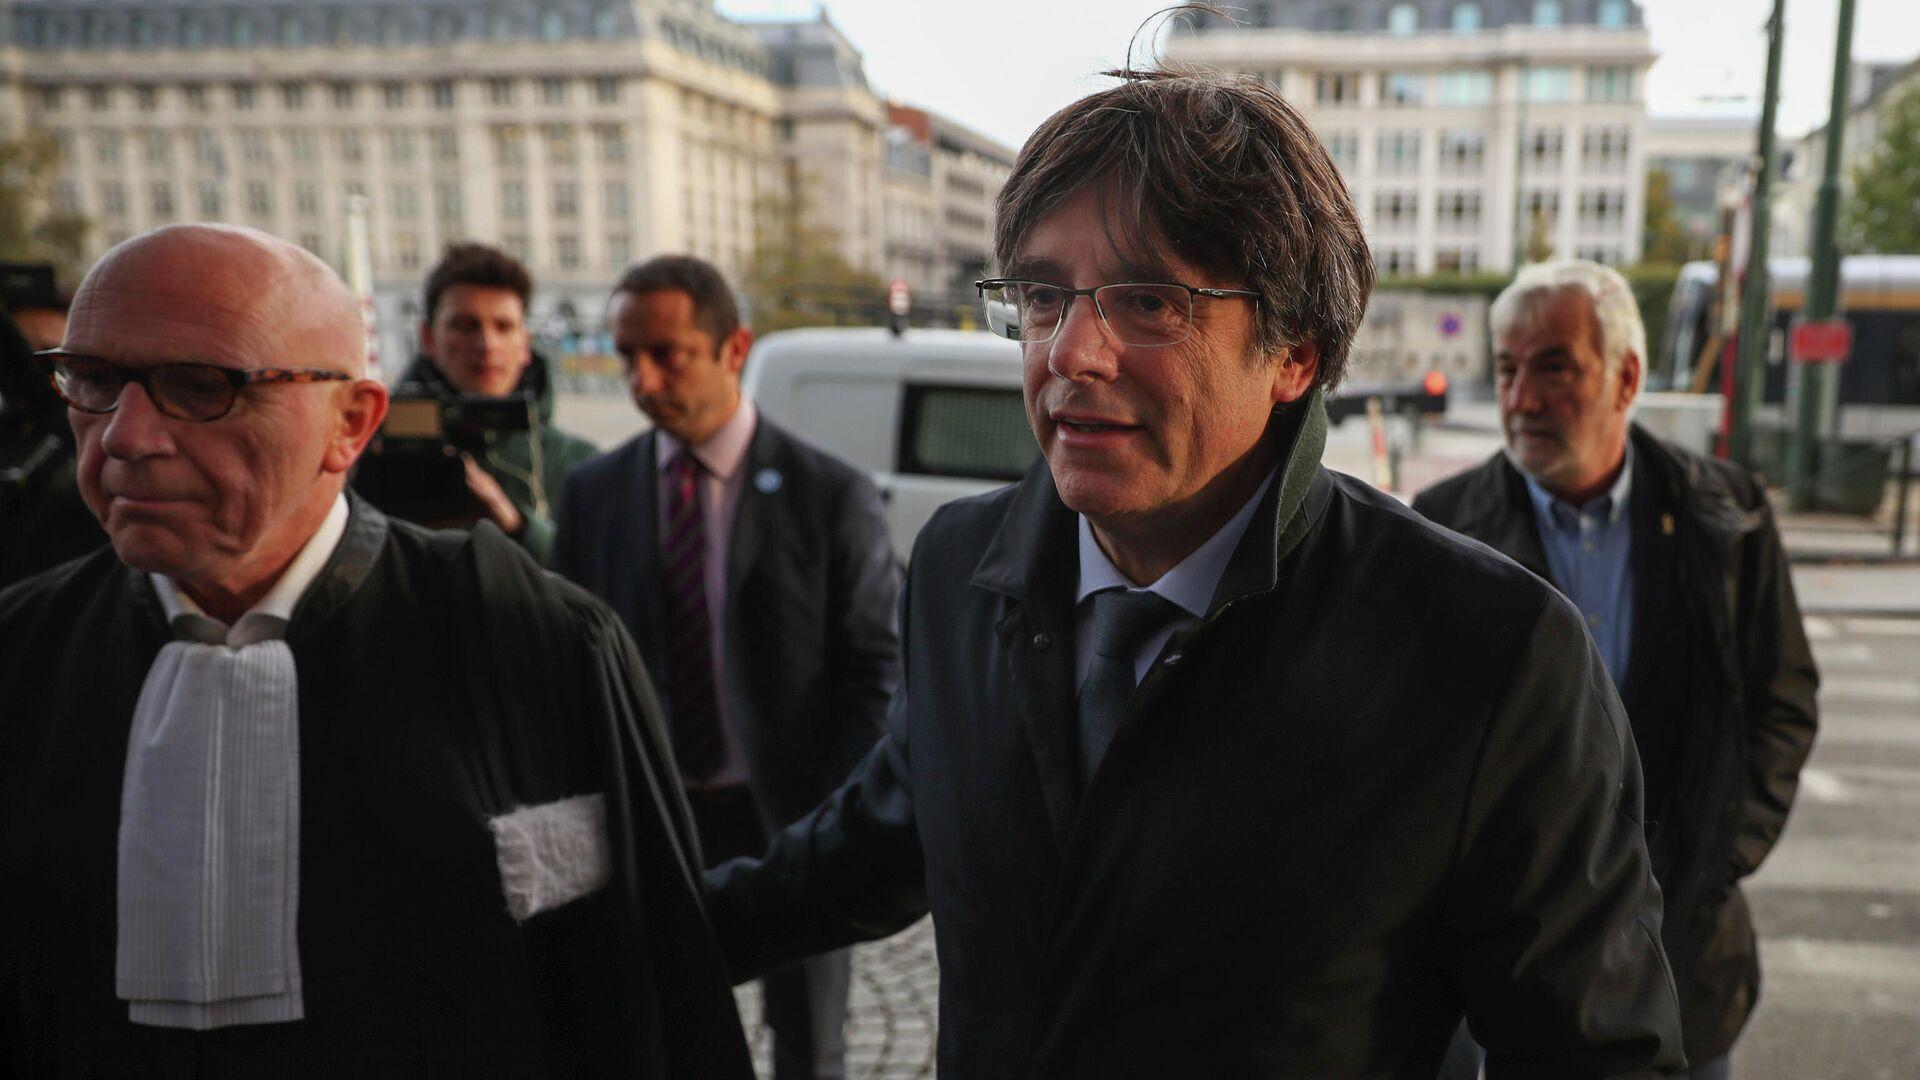 Экс-глава правительства Каталонии Карлес Пучдемон прибыл в суд в Брюсселе  - РИА Новости, 1920, 09.03.2021